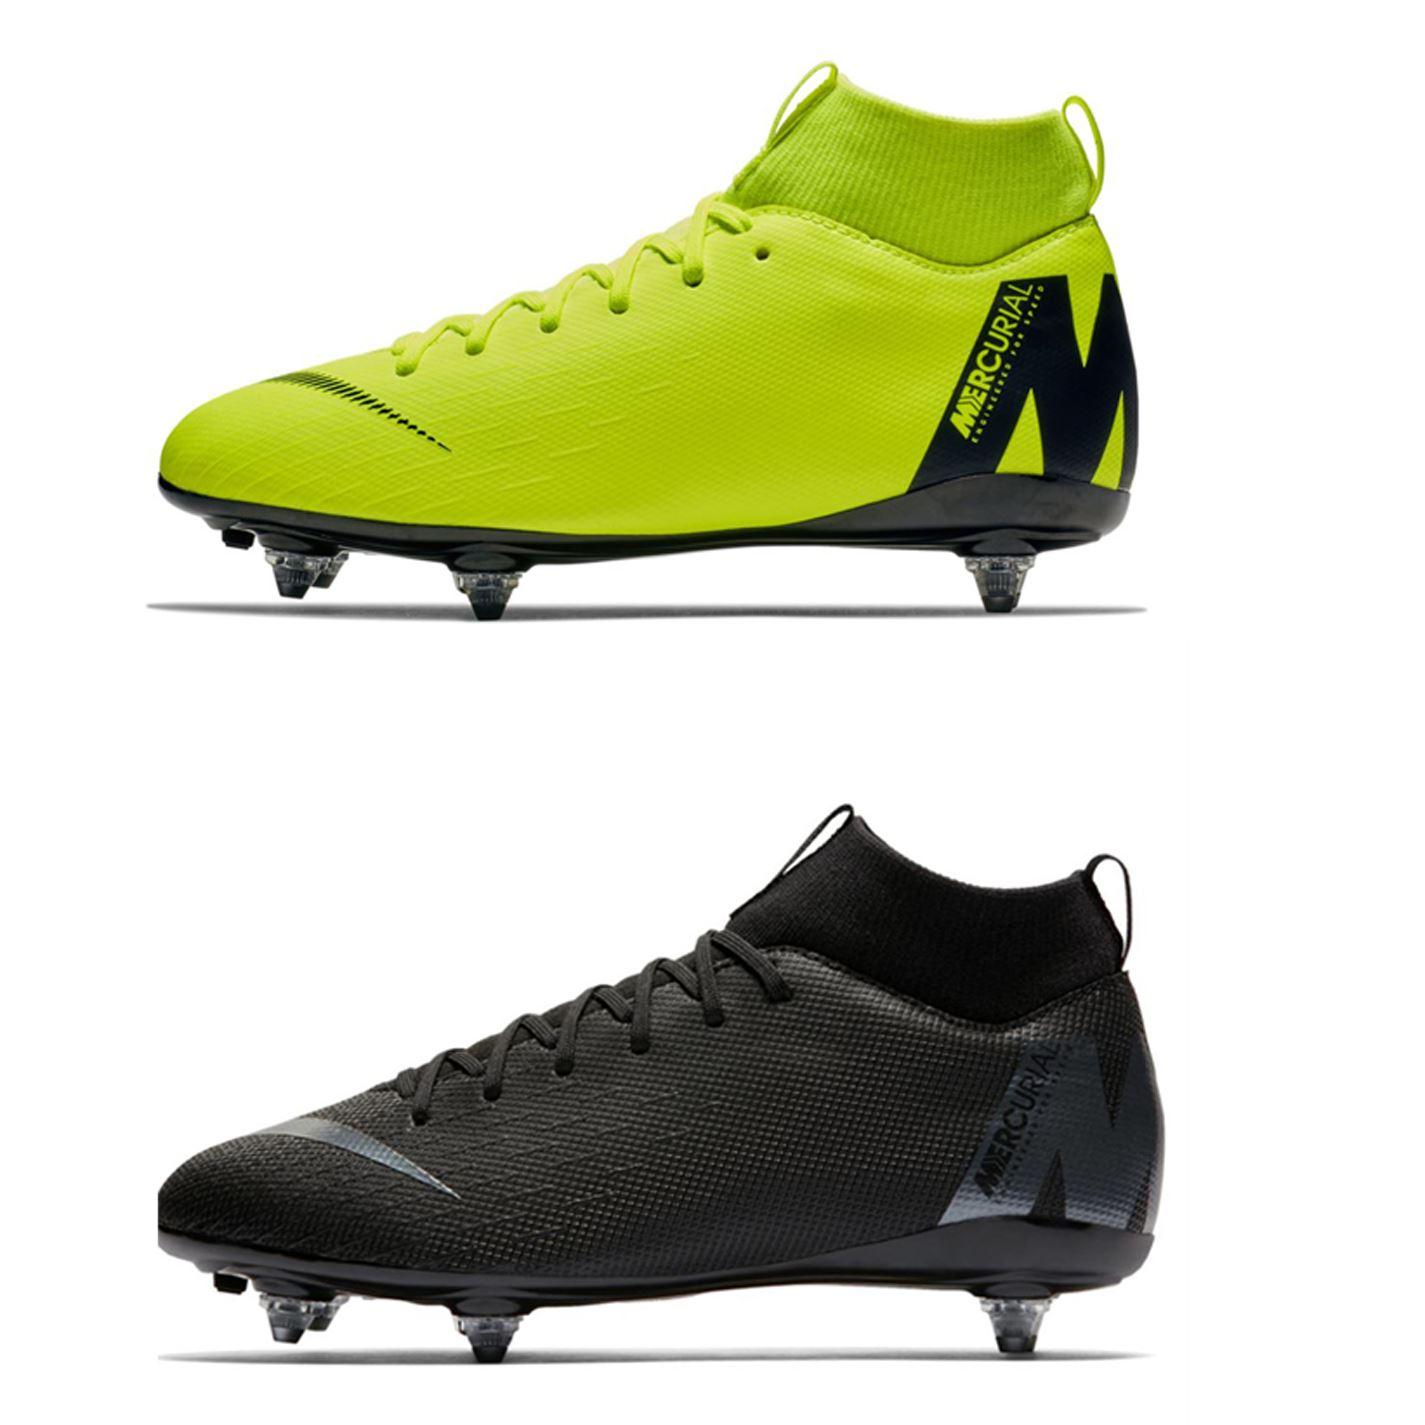 e6371073f4aff ... Botas de Nike Mercurial Superfly Academia tierra suave futbol Juniors  Futbol tacos ...